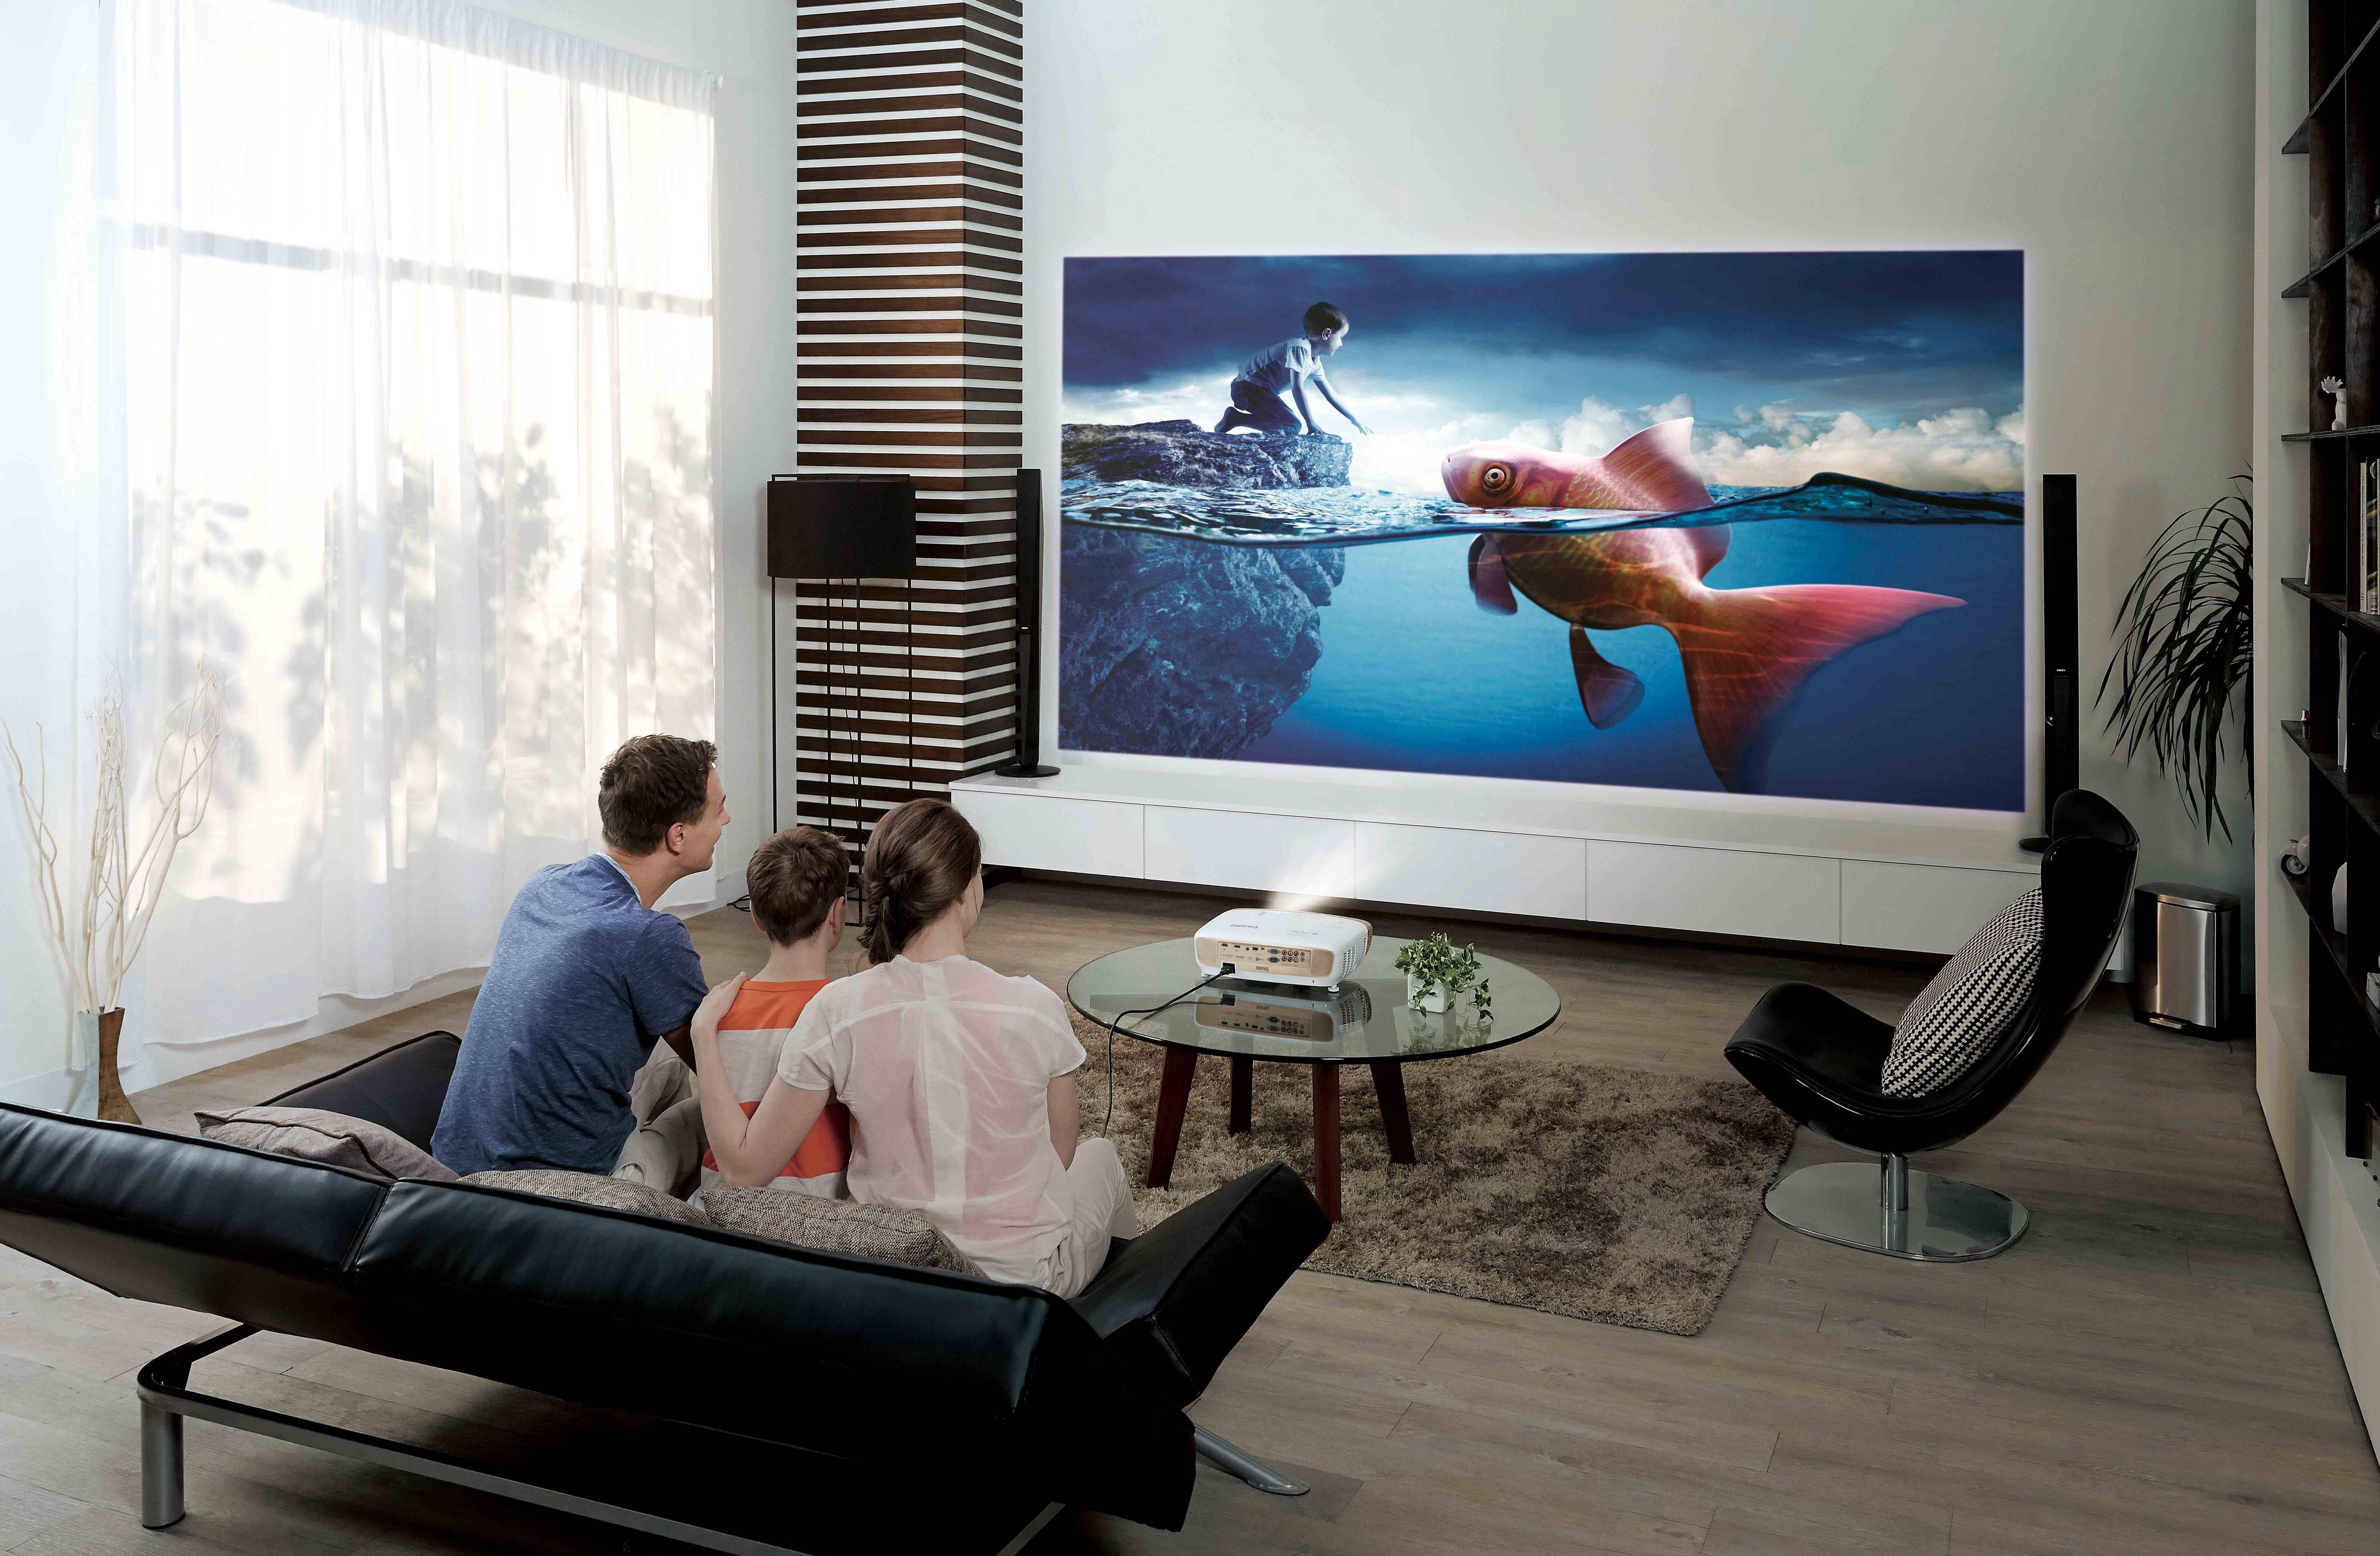 подхватами, лучшая картинка на экран телевизора прохладительных напитков